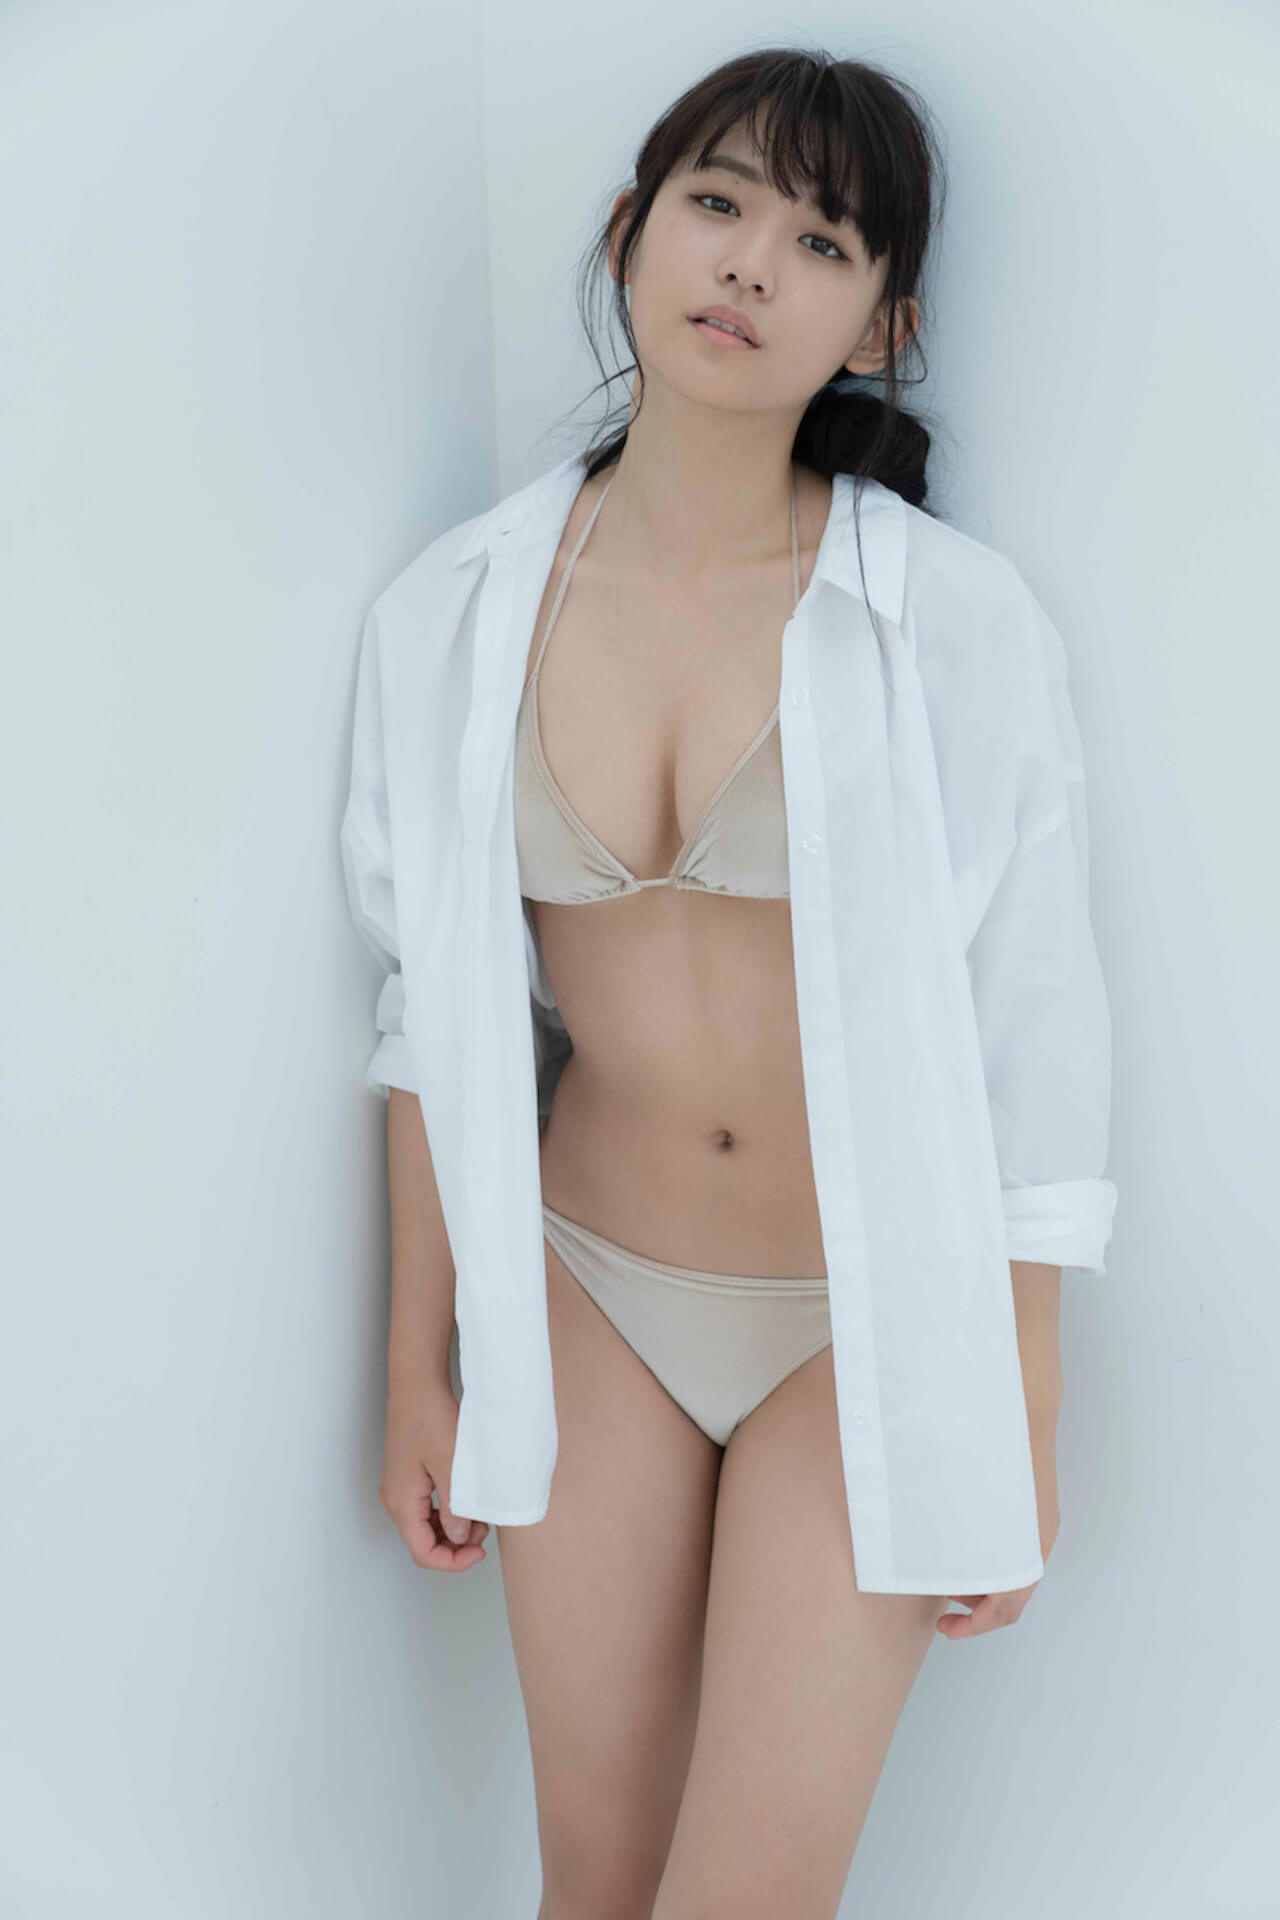 浅川梨奈が魅せた、20歳のセクシーショット|『週プレ37号』表紙に登場 ac190902asakawa-nana_3